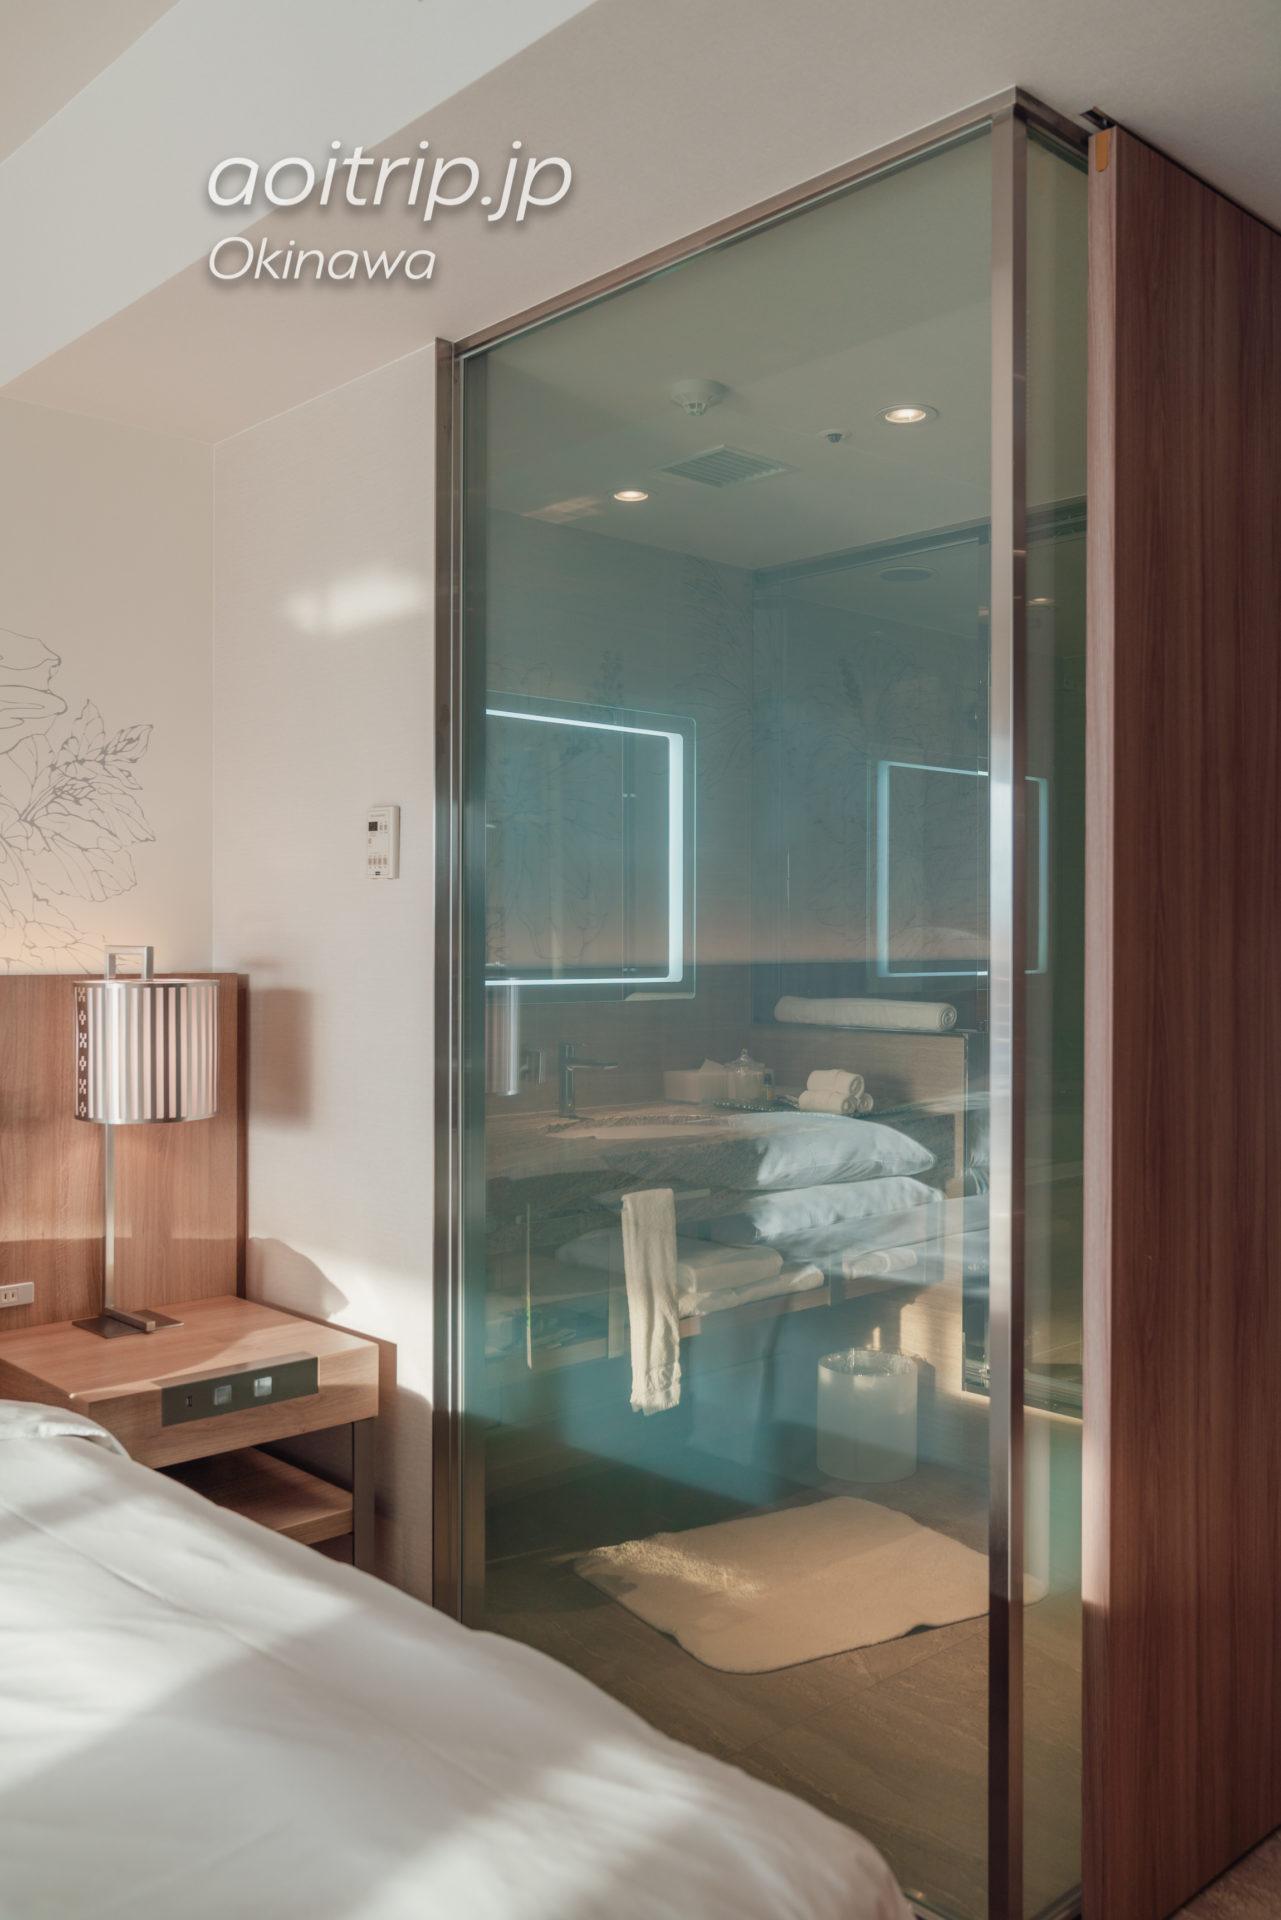 ルネッサンスリゾート オキナワのバスルーム